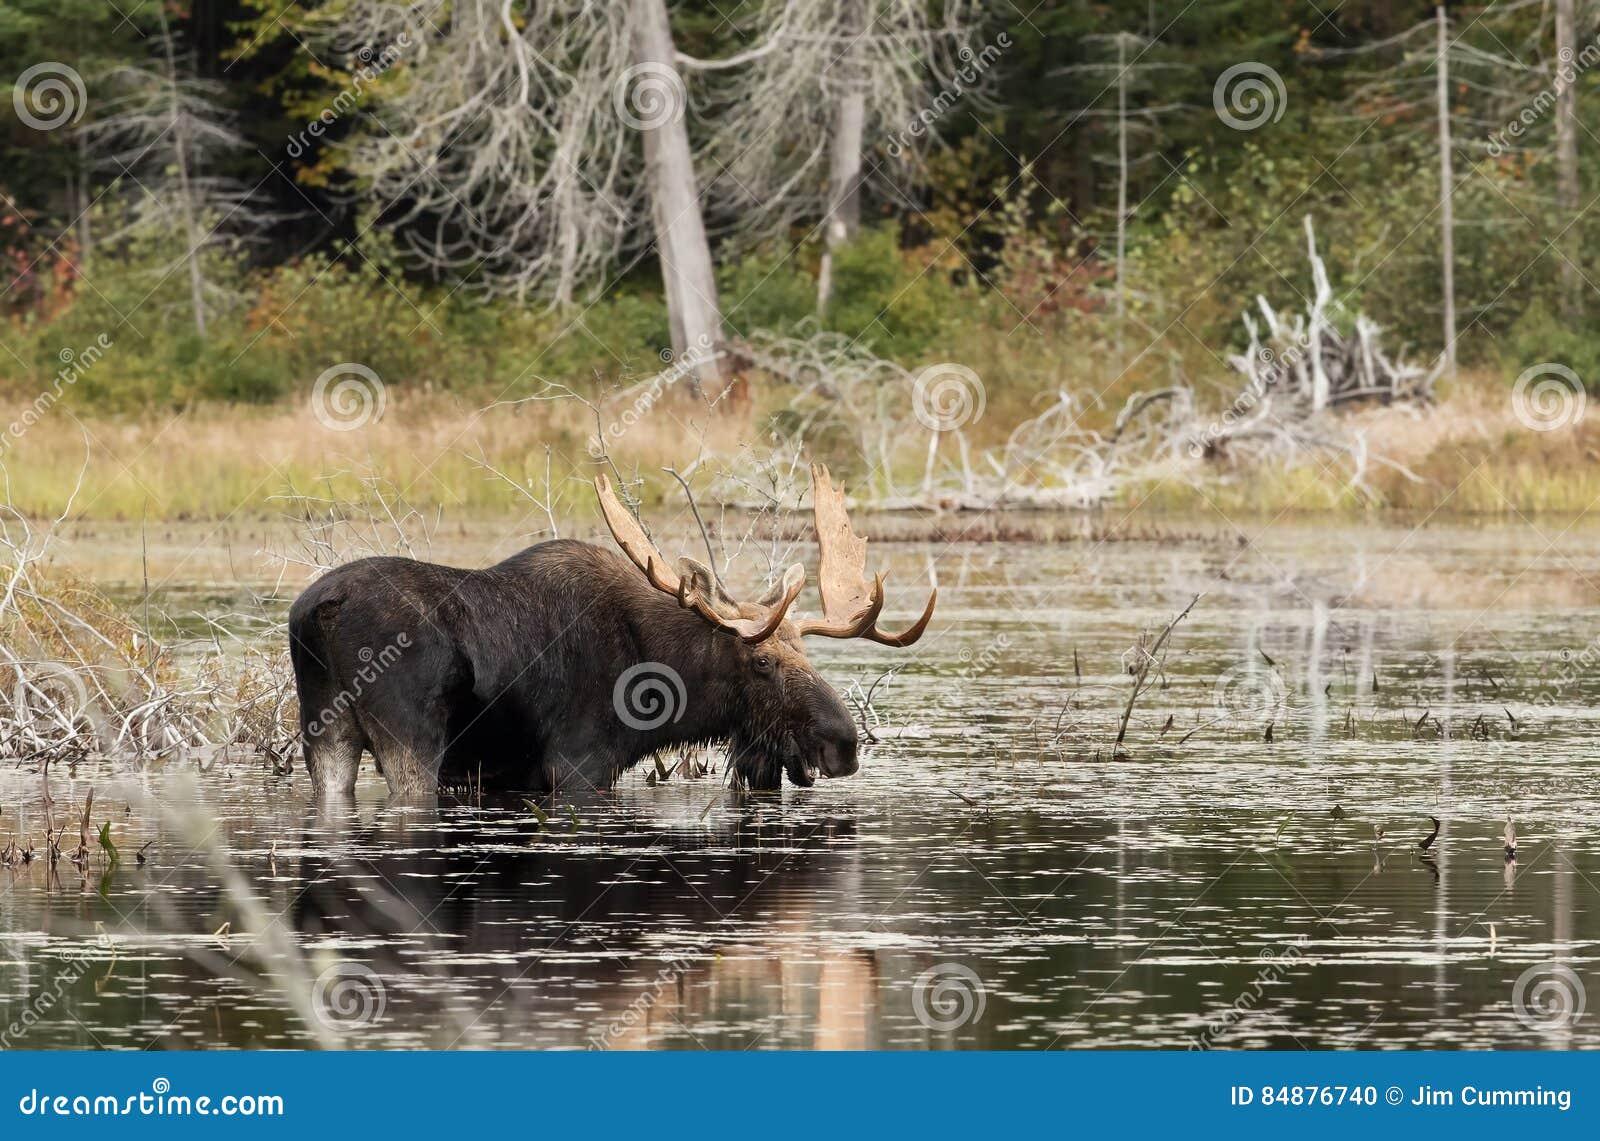 Bull Moose in marsh in Algonquin Park in Canada